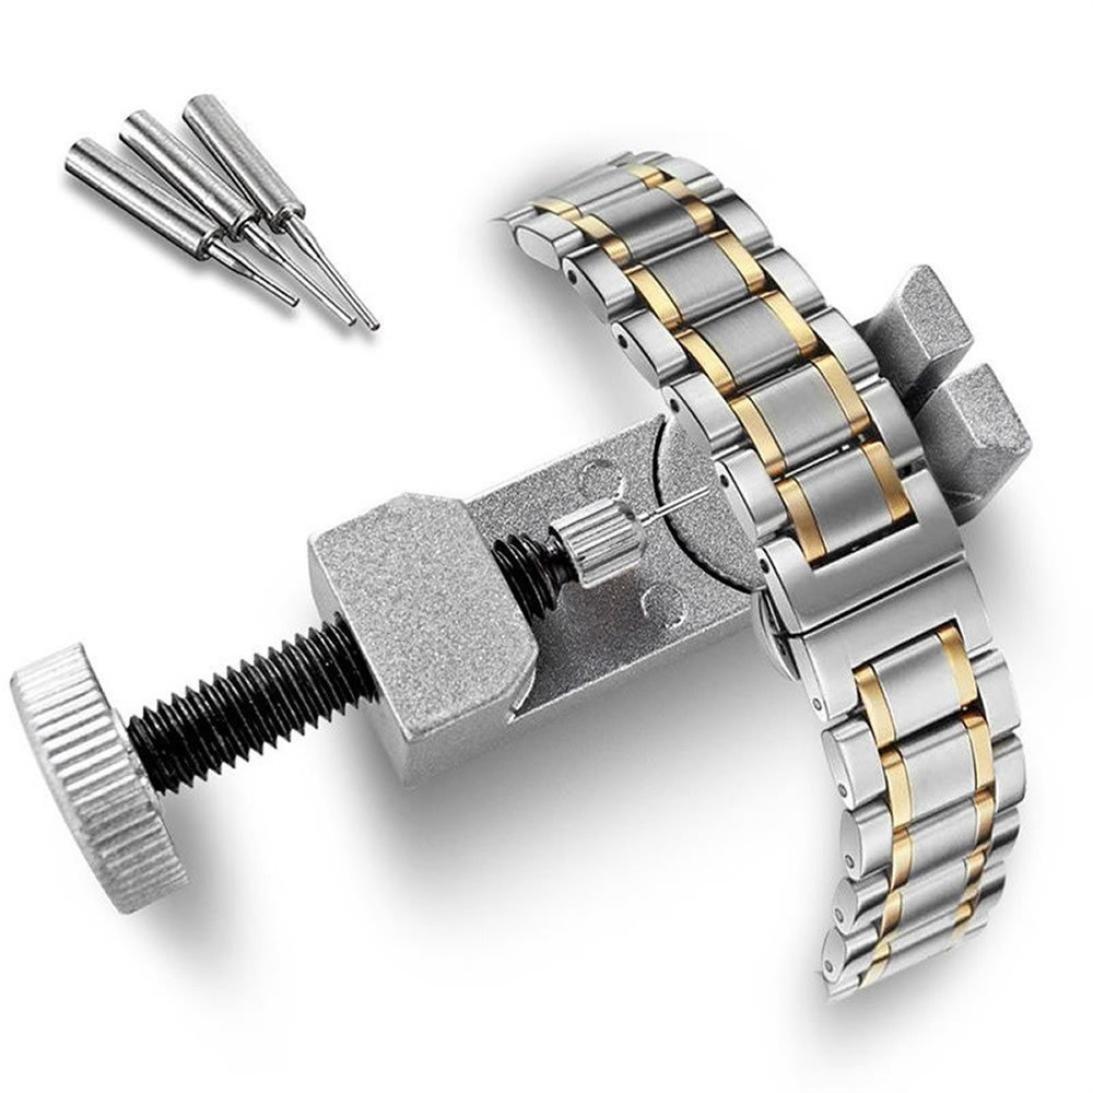 Outstaプロフェッショナルウォッチバンドストラップブレスレットリンクリムーバー修復ツール調整キットfor Watchmakers with 3余分なピン B0796MHC2D